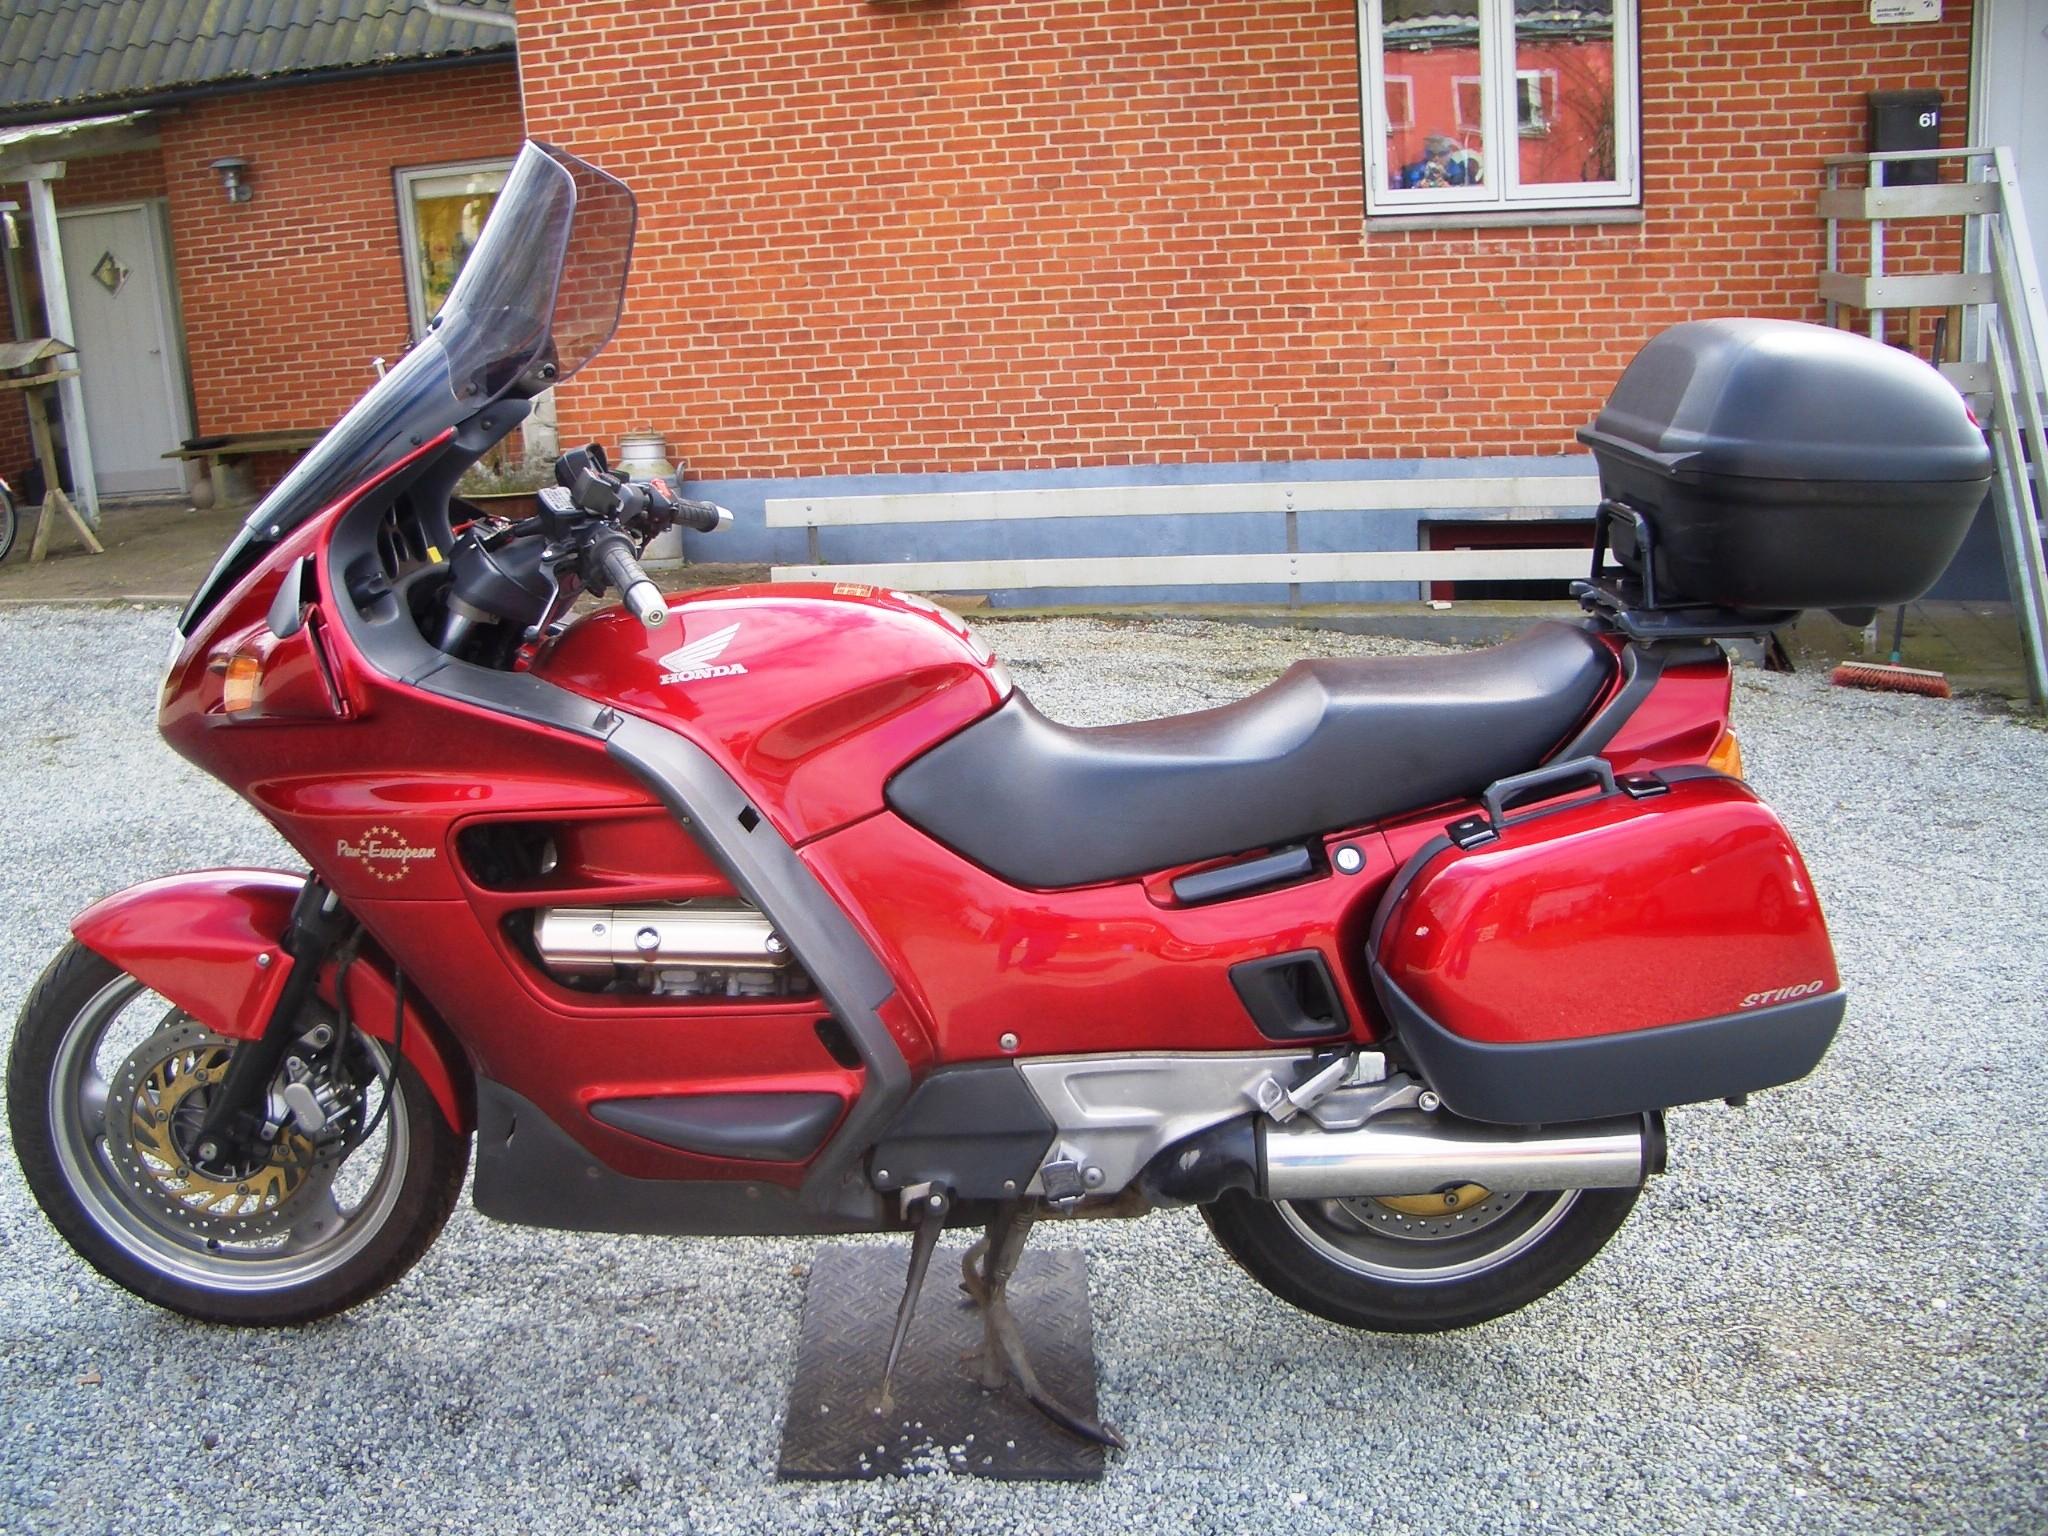 ≥ Prachtige Honda - Motoren | Honda - Marktplaats.nl